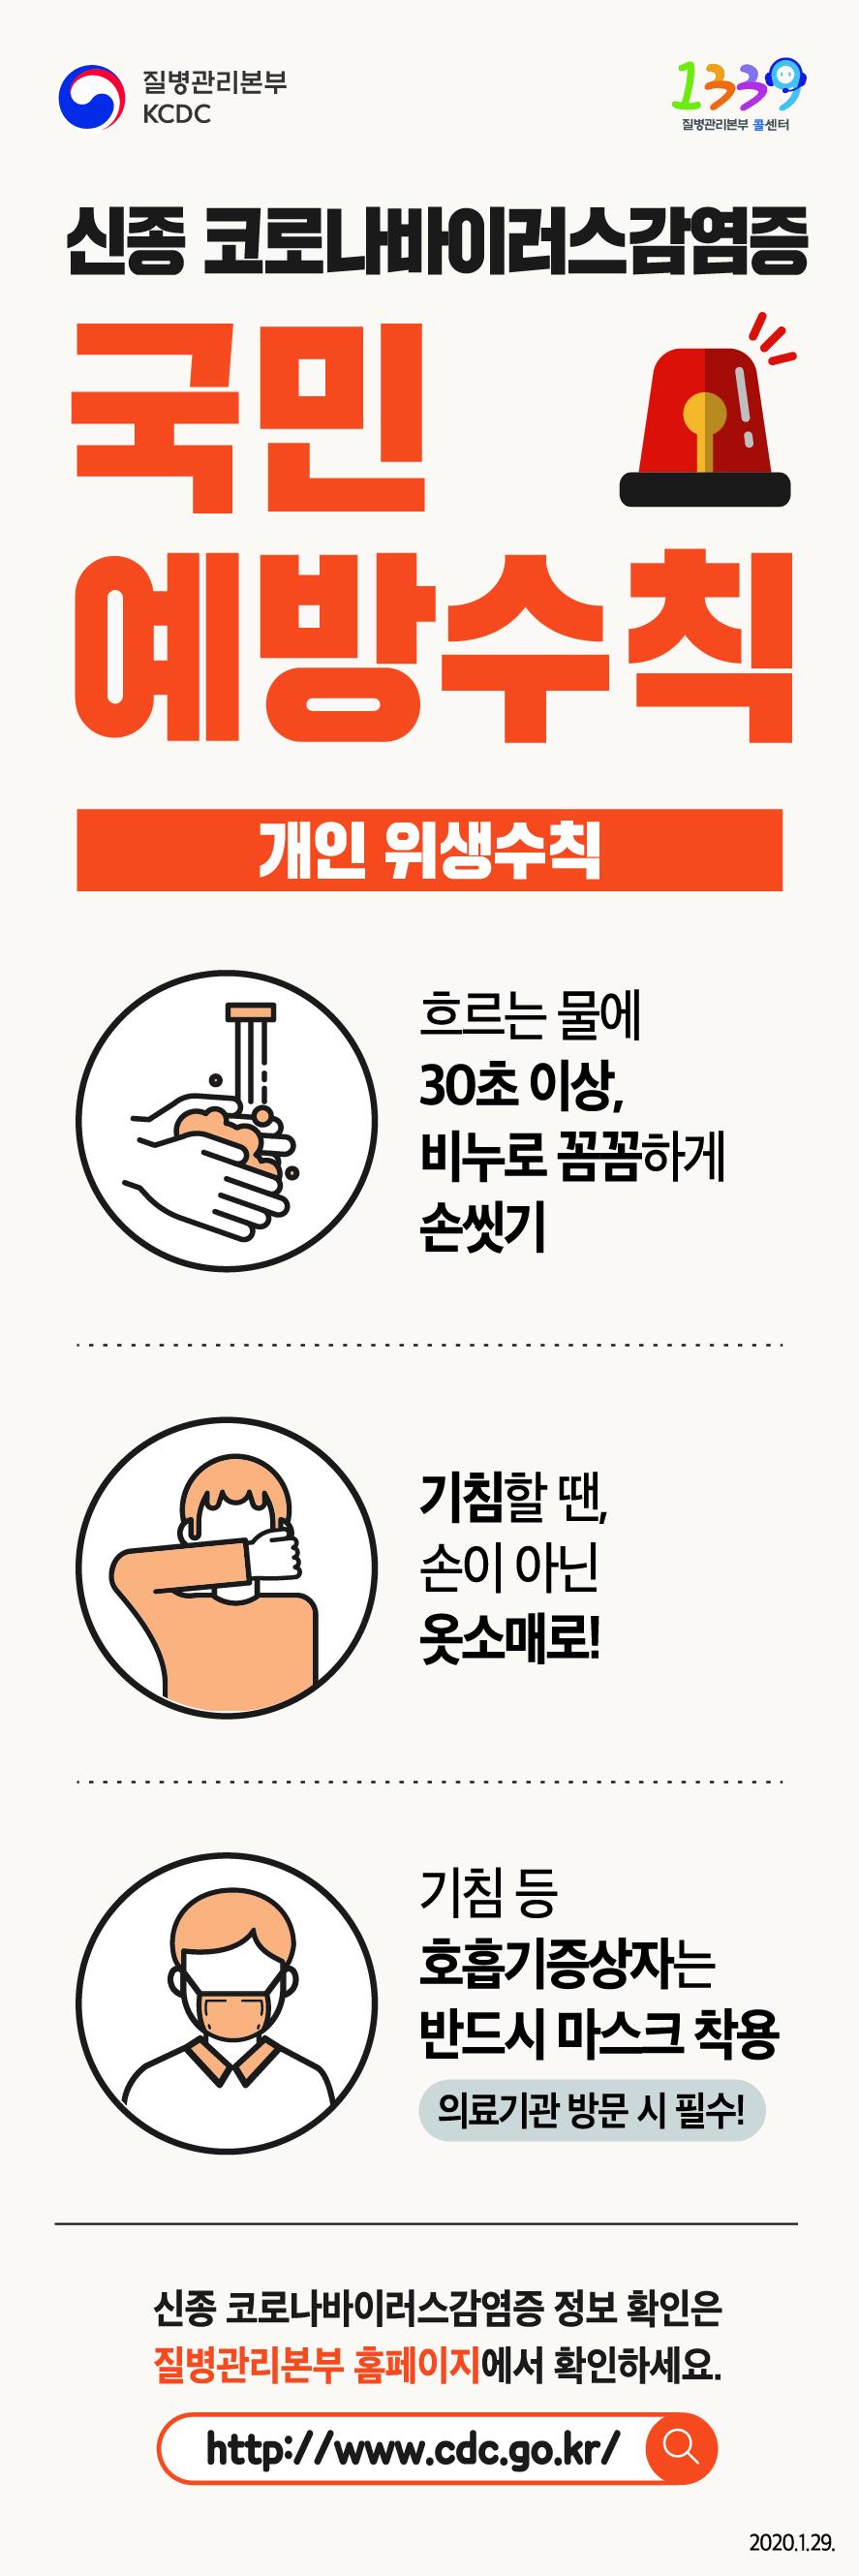 질병관리본부KCDC 질병관리본부 콜센터 1339, 신종 코로나바이러스감염증 국민예방수칙 개인위생수칙, 흐르는 물에 30초 이상, 비누로 꼼꼼하게 손씻기, 기침할 땐, 손이 아닌 옷소매로!, 기침 등 호흡기증상자는 반드시 마스크 착용 (의료기관 방문 시 필수!) 신종 코로나바이러스감염증 정보 확인은 질병관리본부 홈페이지에서 확인하세요. http://www.cdc.go.kr/ 2020년 1월 29일